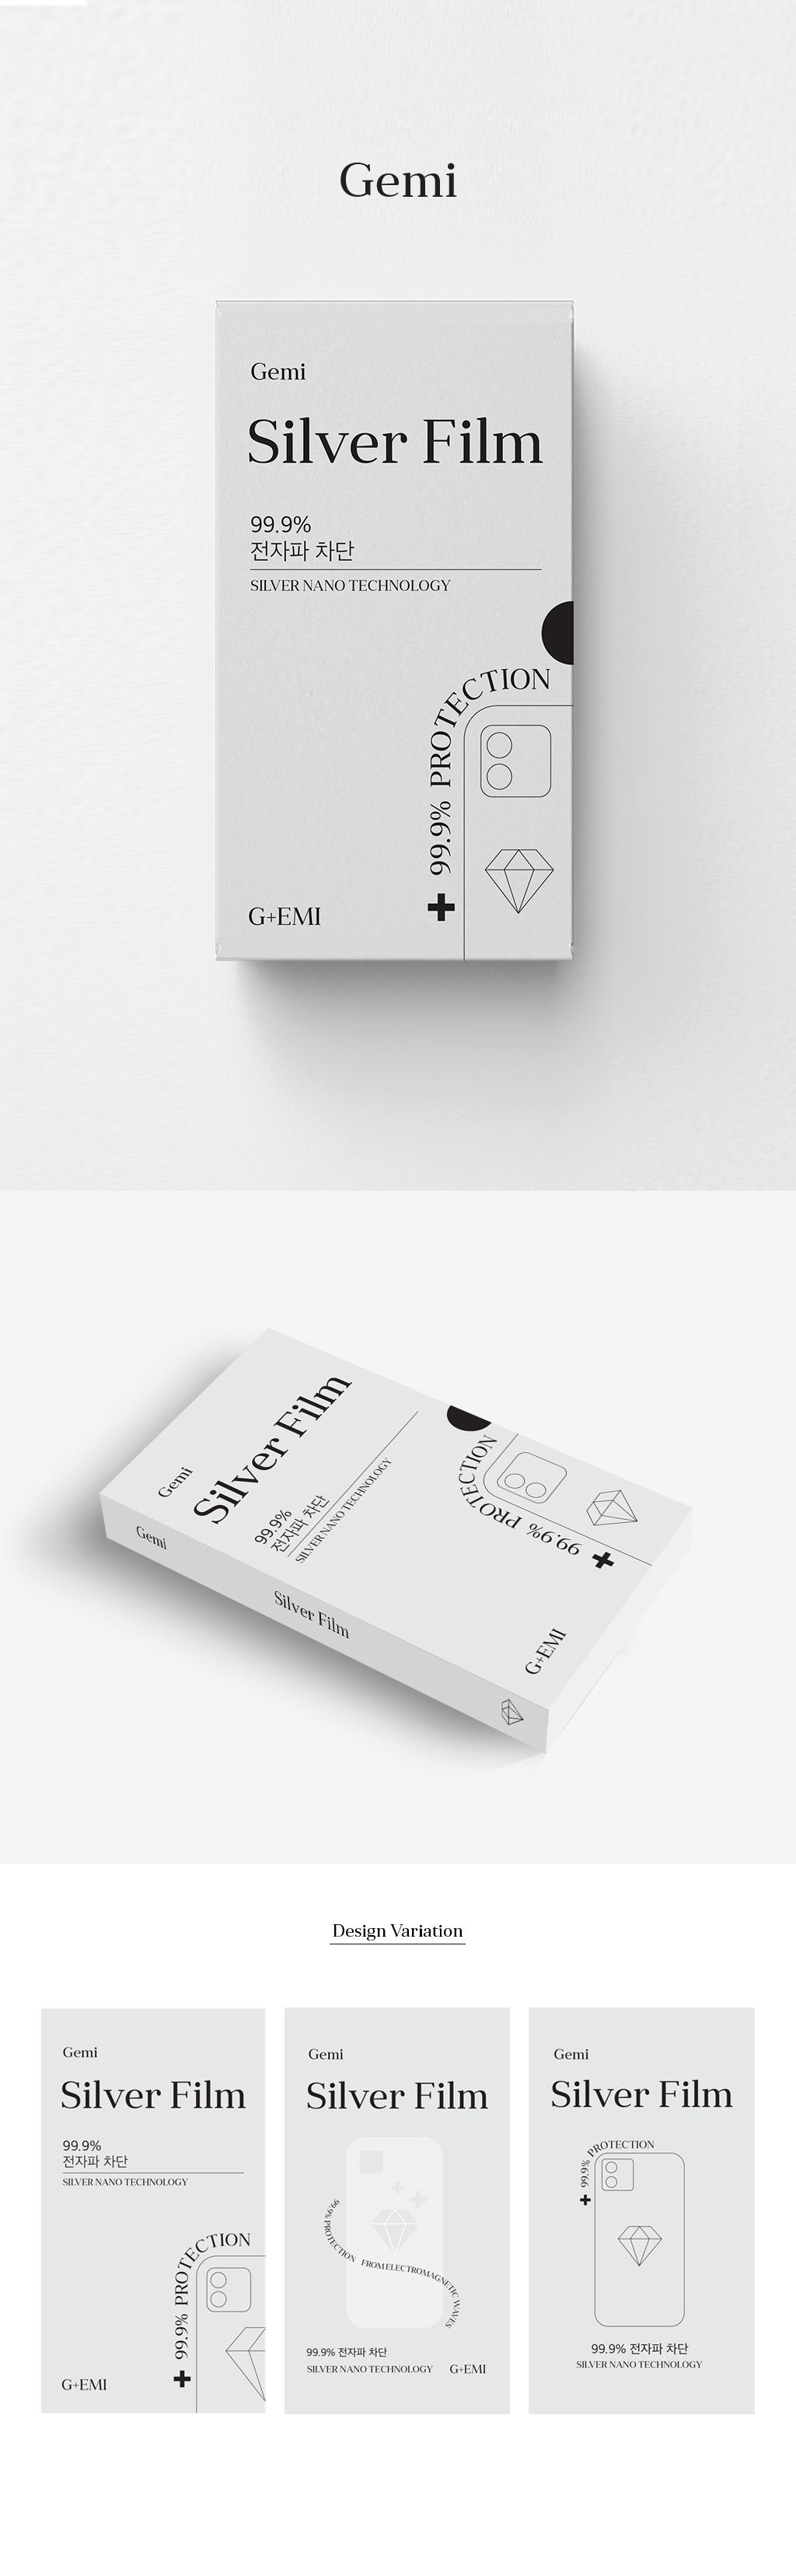 패키지 디자인 | Gemi Silver Film 패키지 디자인 의뢰 | 라우드소싱 포트폴리오